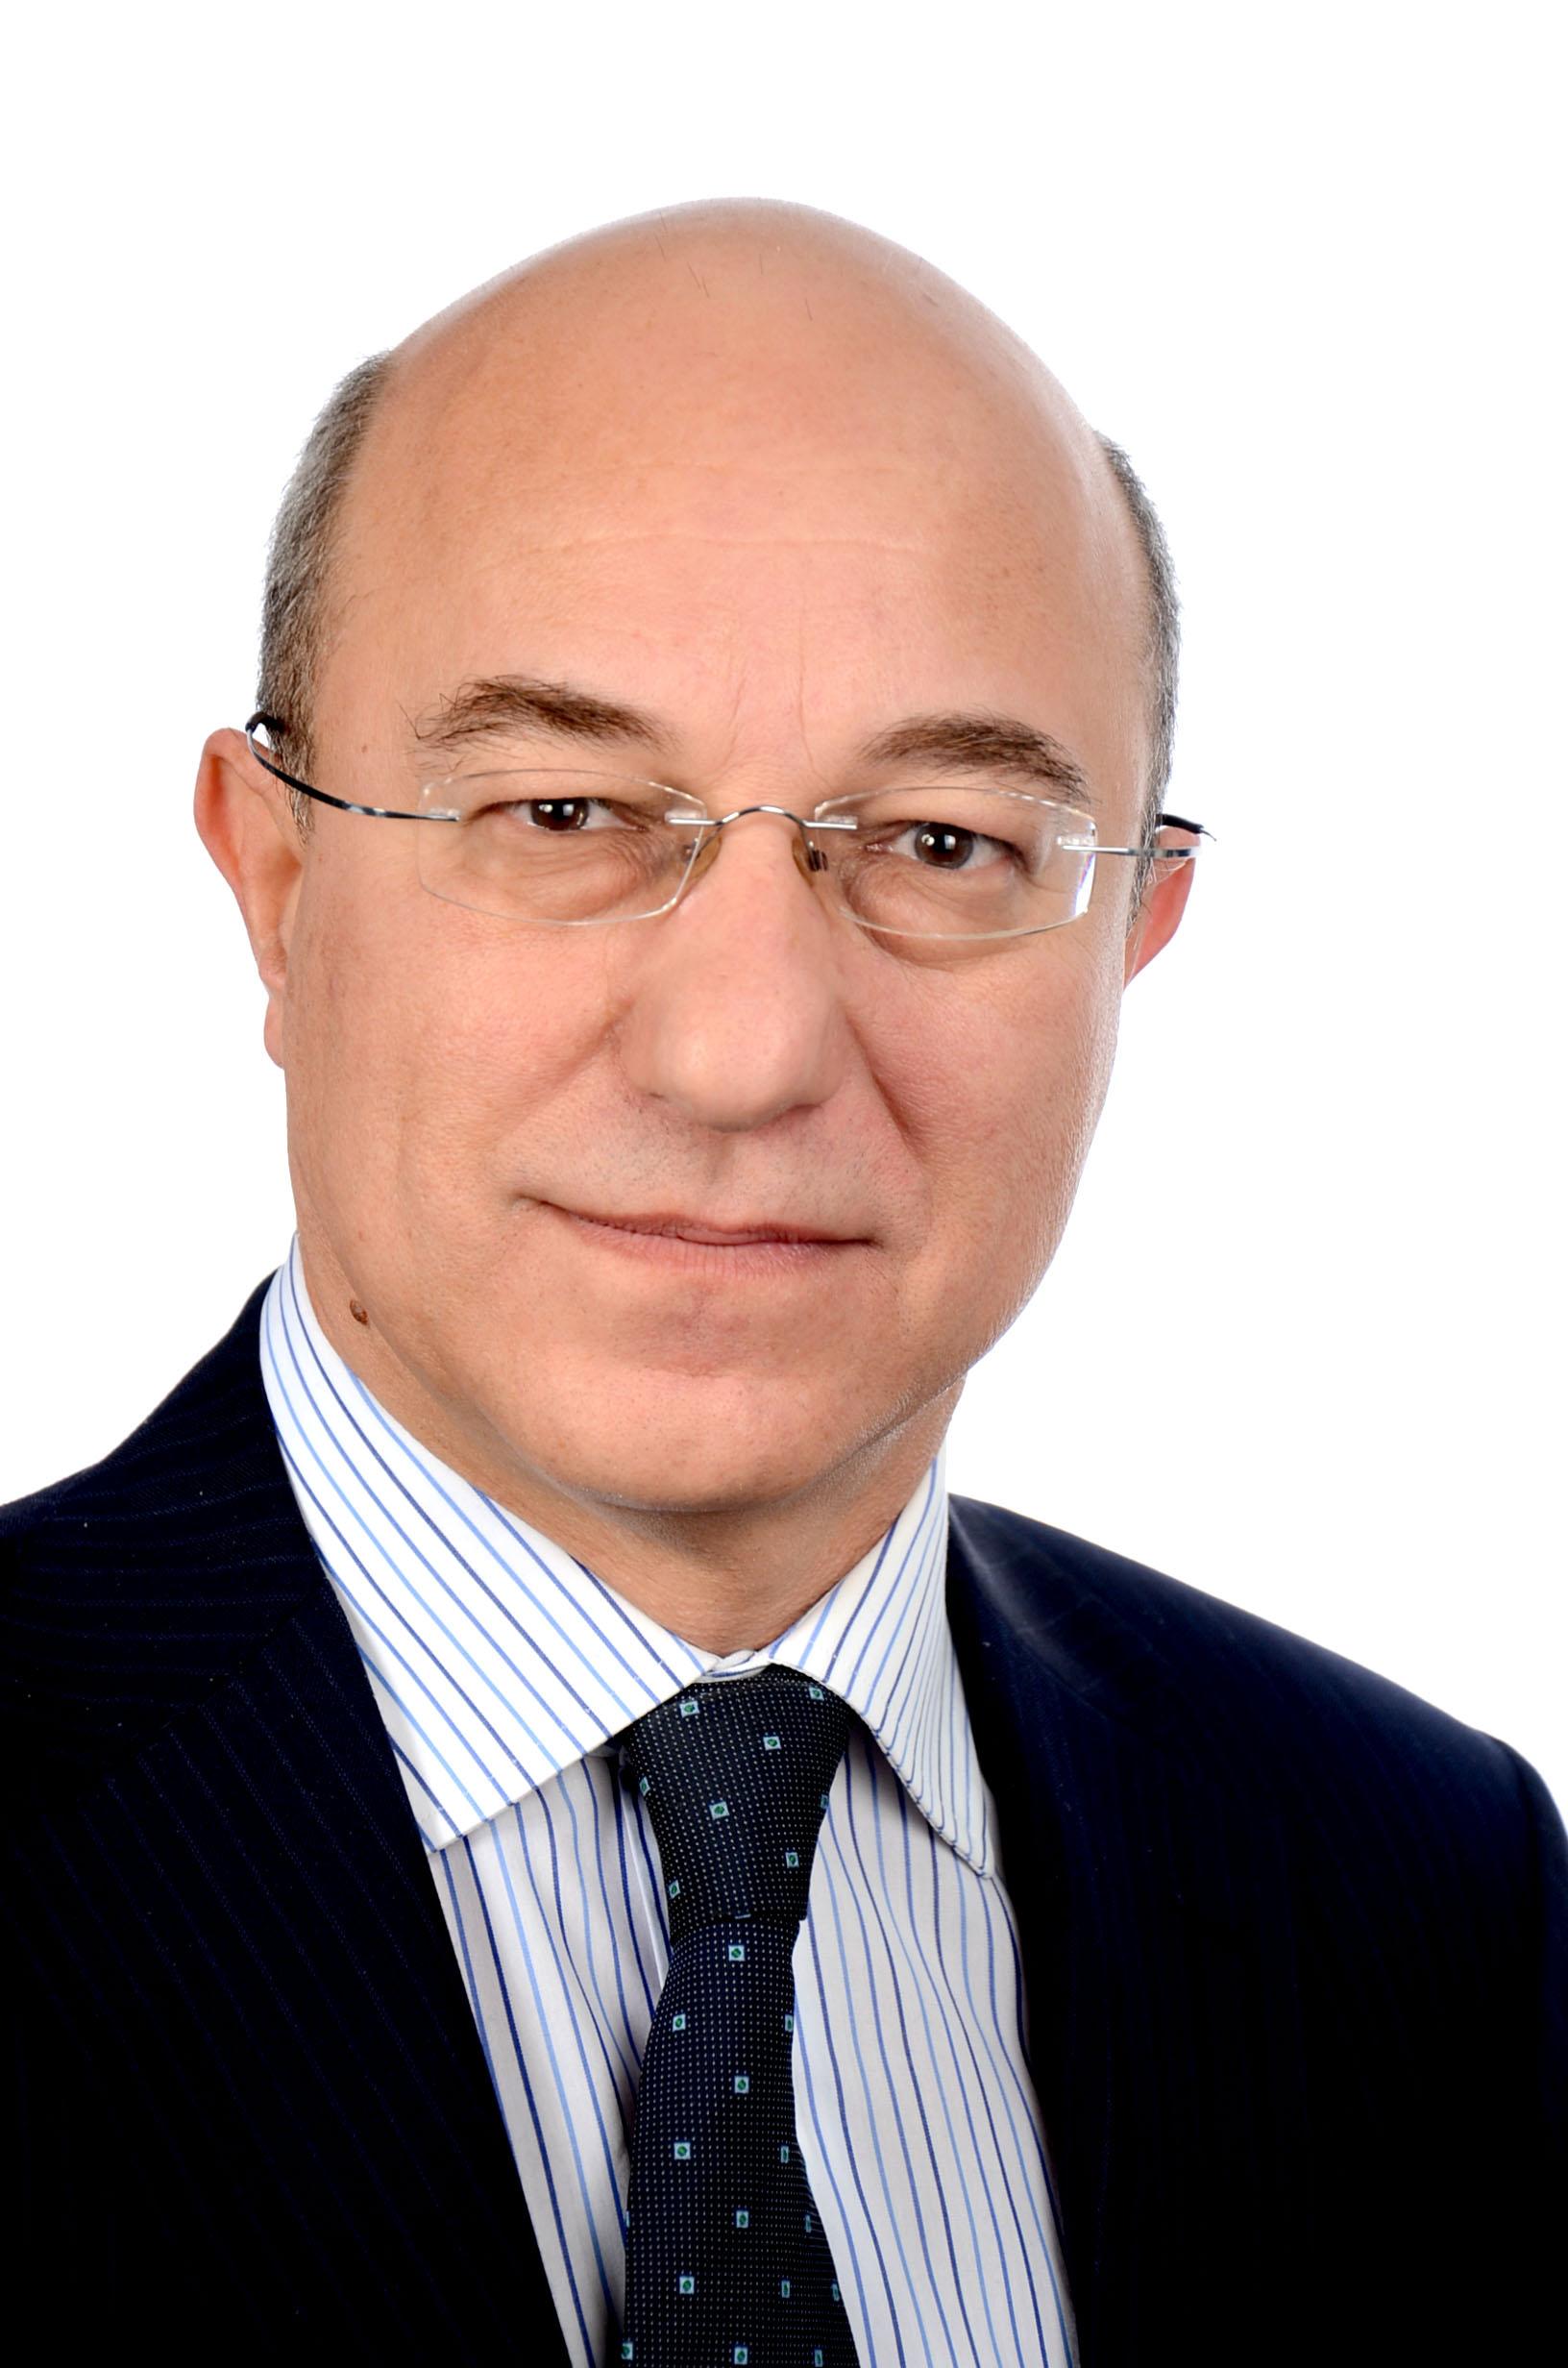 SERGIO NICOLETTI ALTIMARI - Unione Bancaria e Basilea 3 - Risk & Supervision